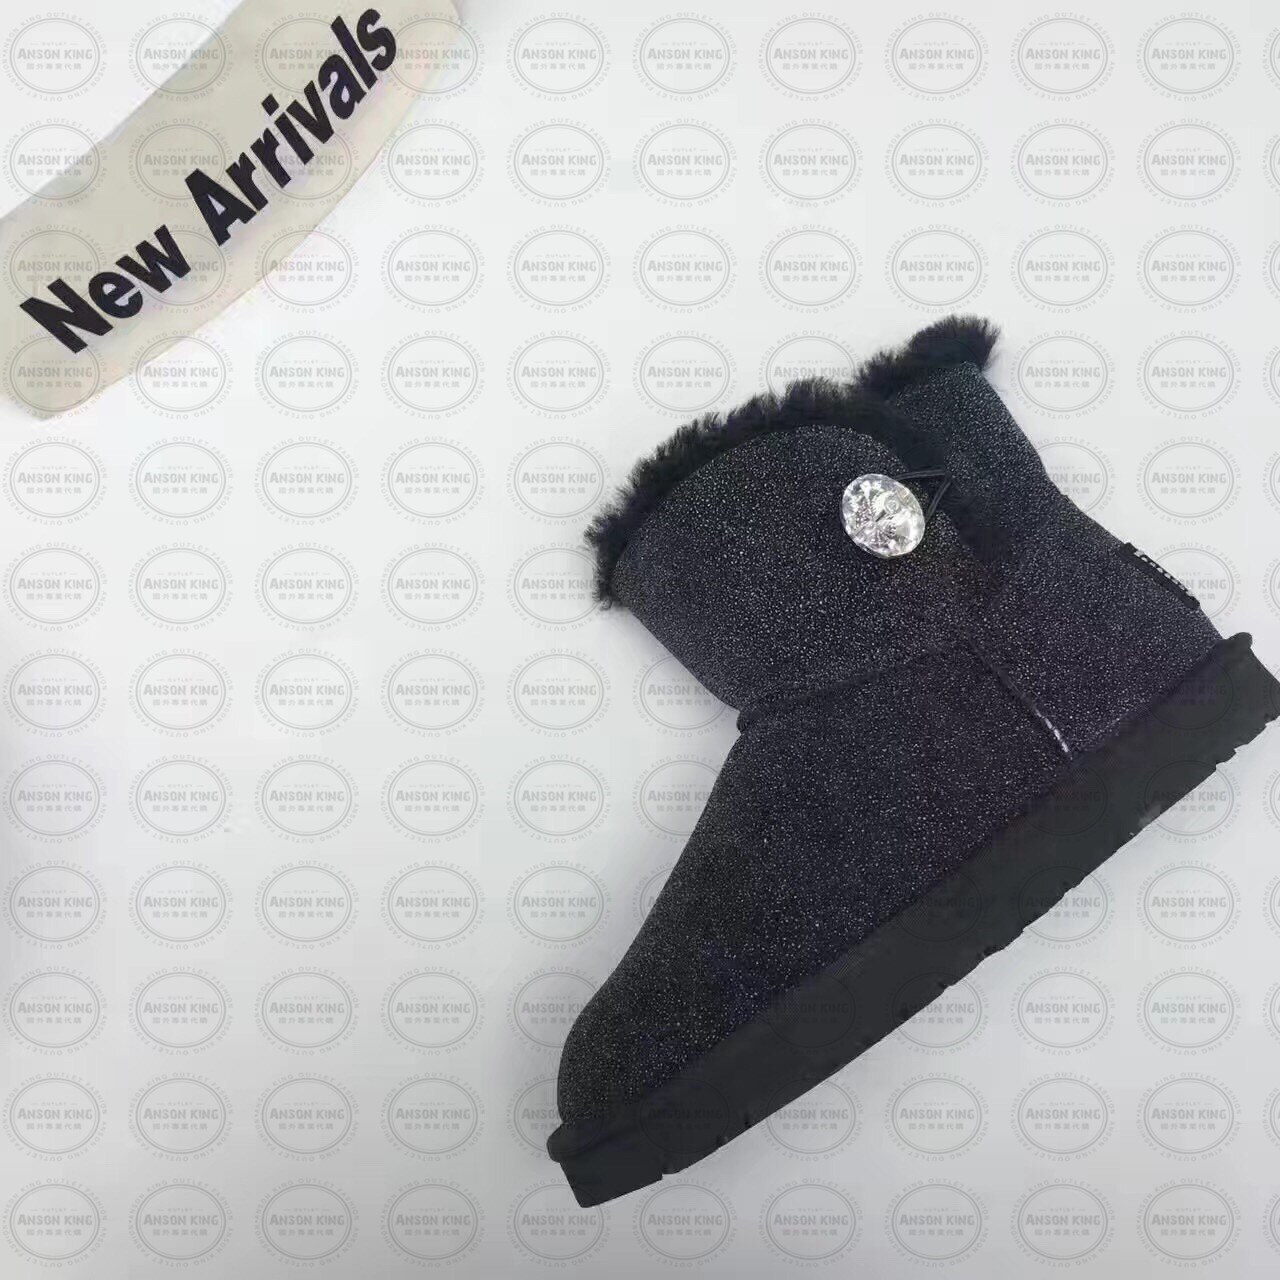 OUTLET正品代購 澳洲 UGG 明星同款水晶扣短靴 保暖 真皮羊皮毛 雪靴 短靴 黑色 1